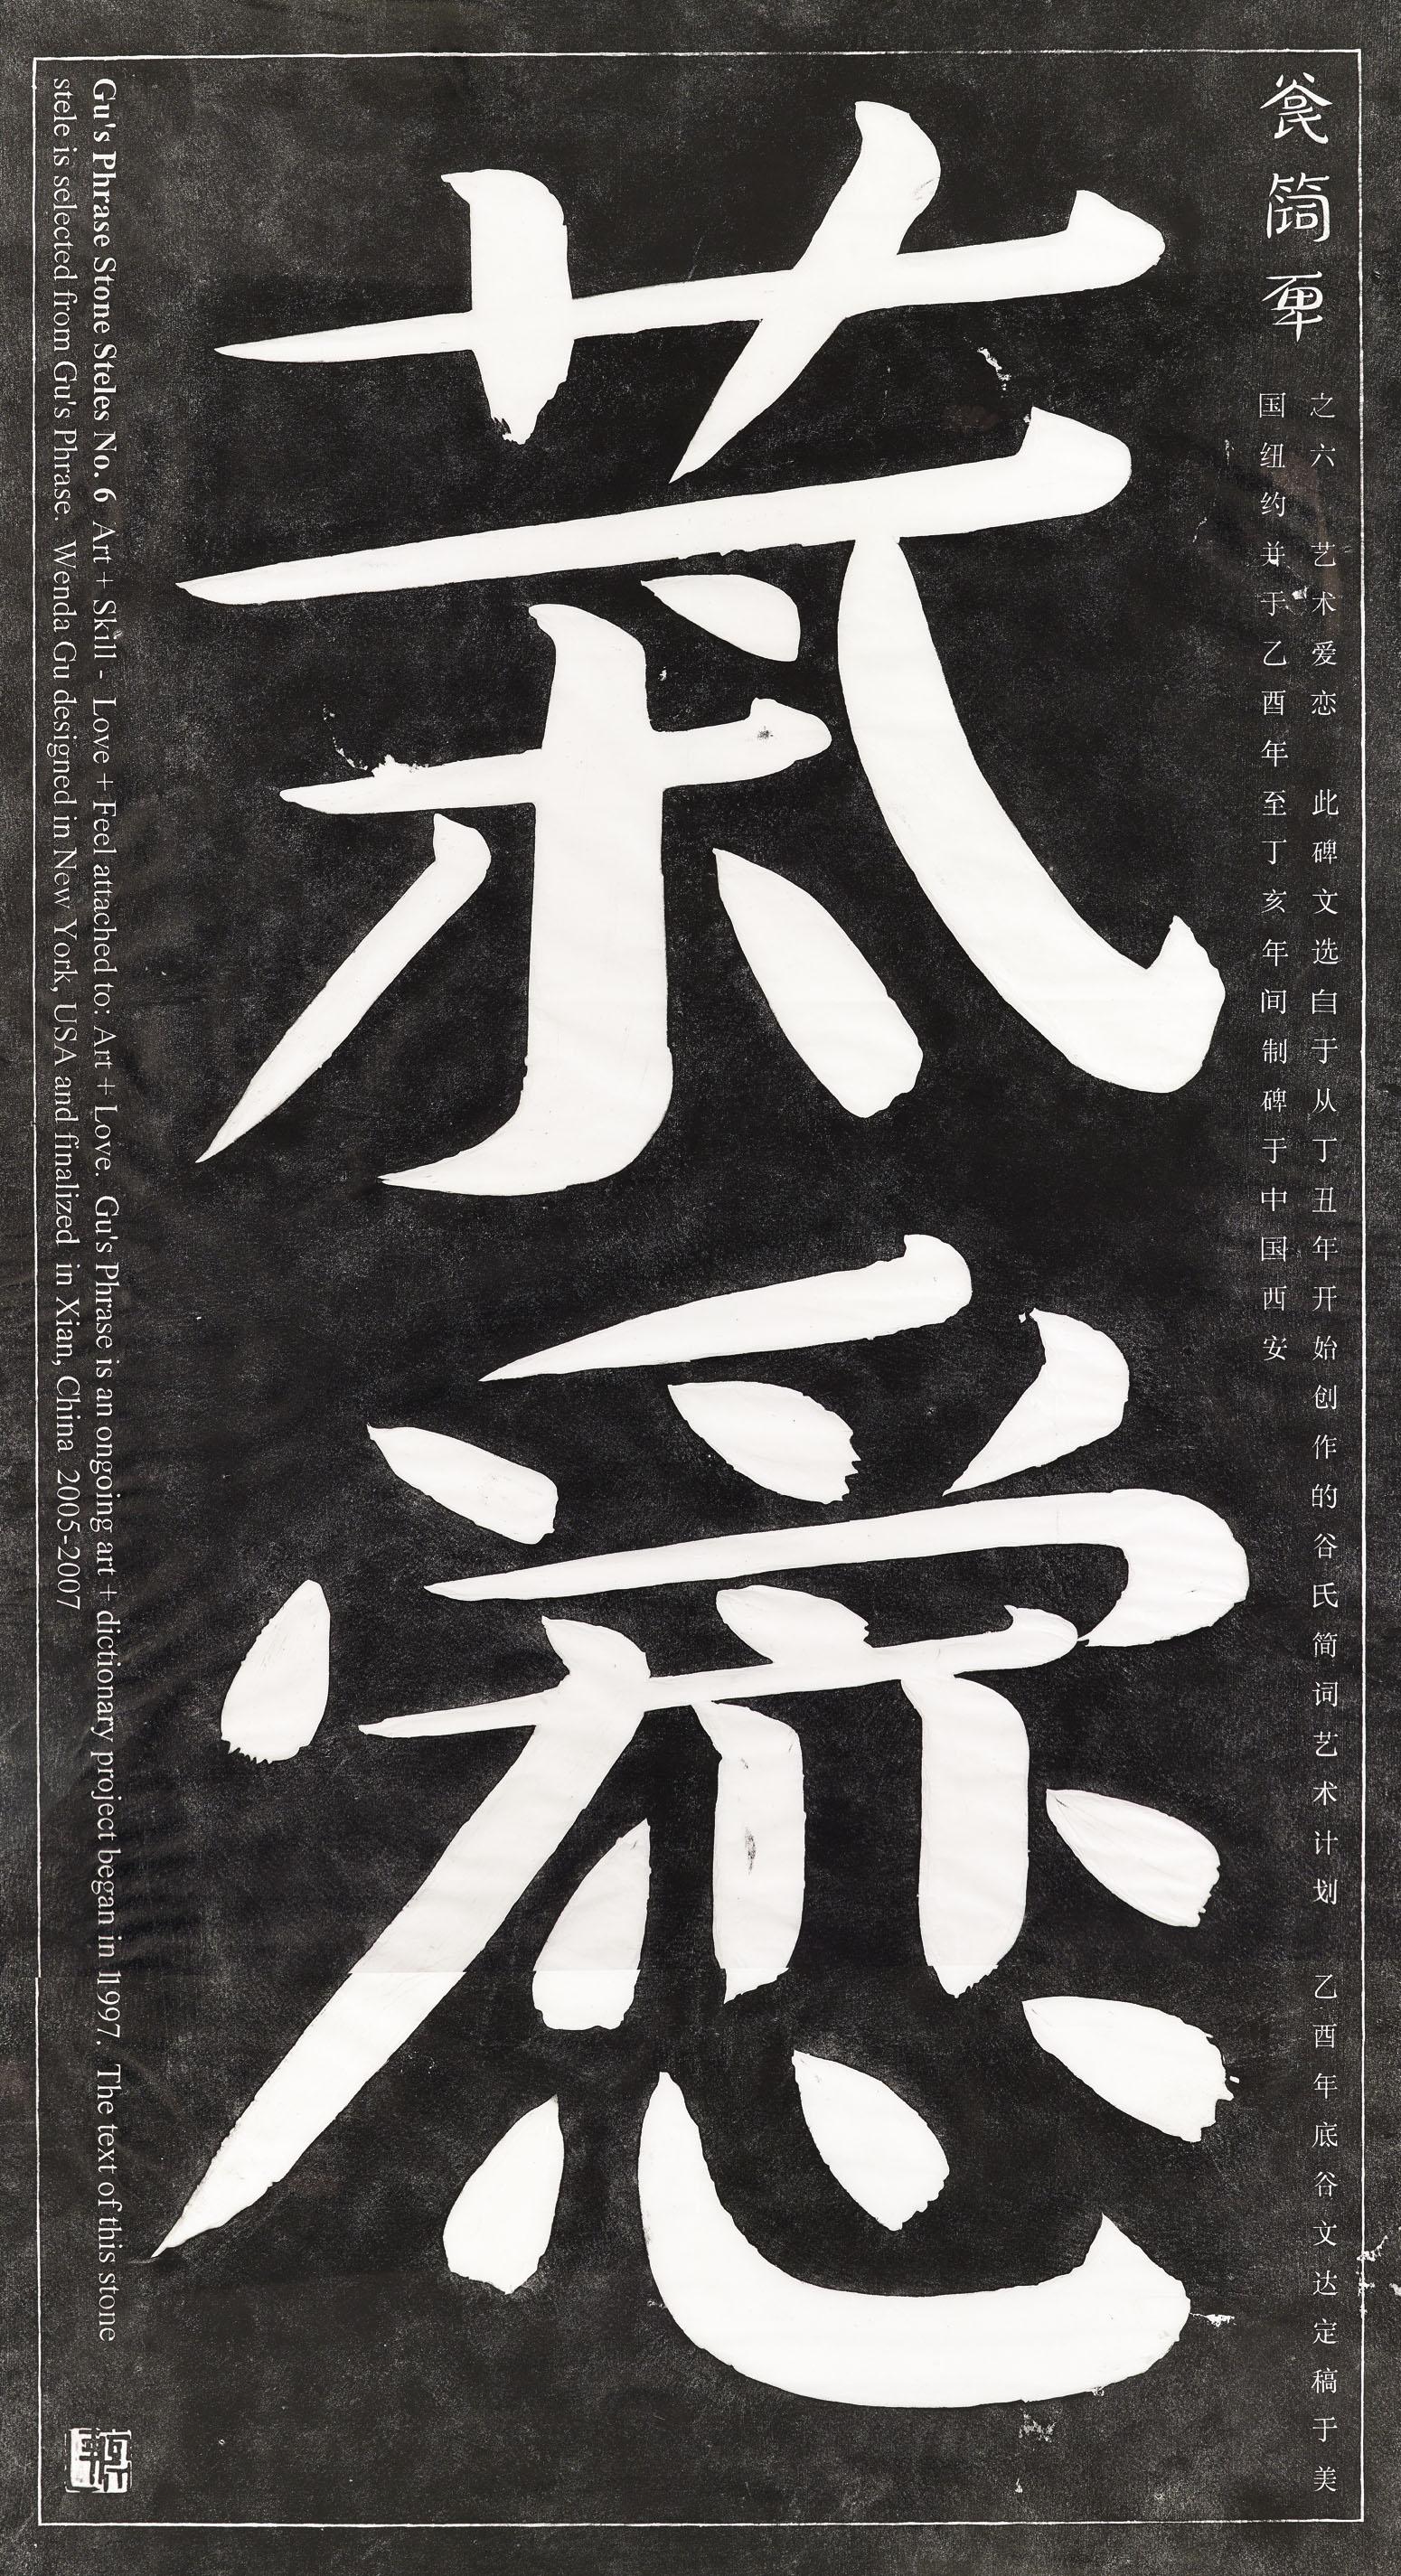 Gu's Phrase Stone Steles #6: Yi Shu Ai Lian